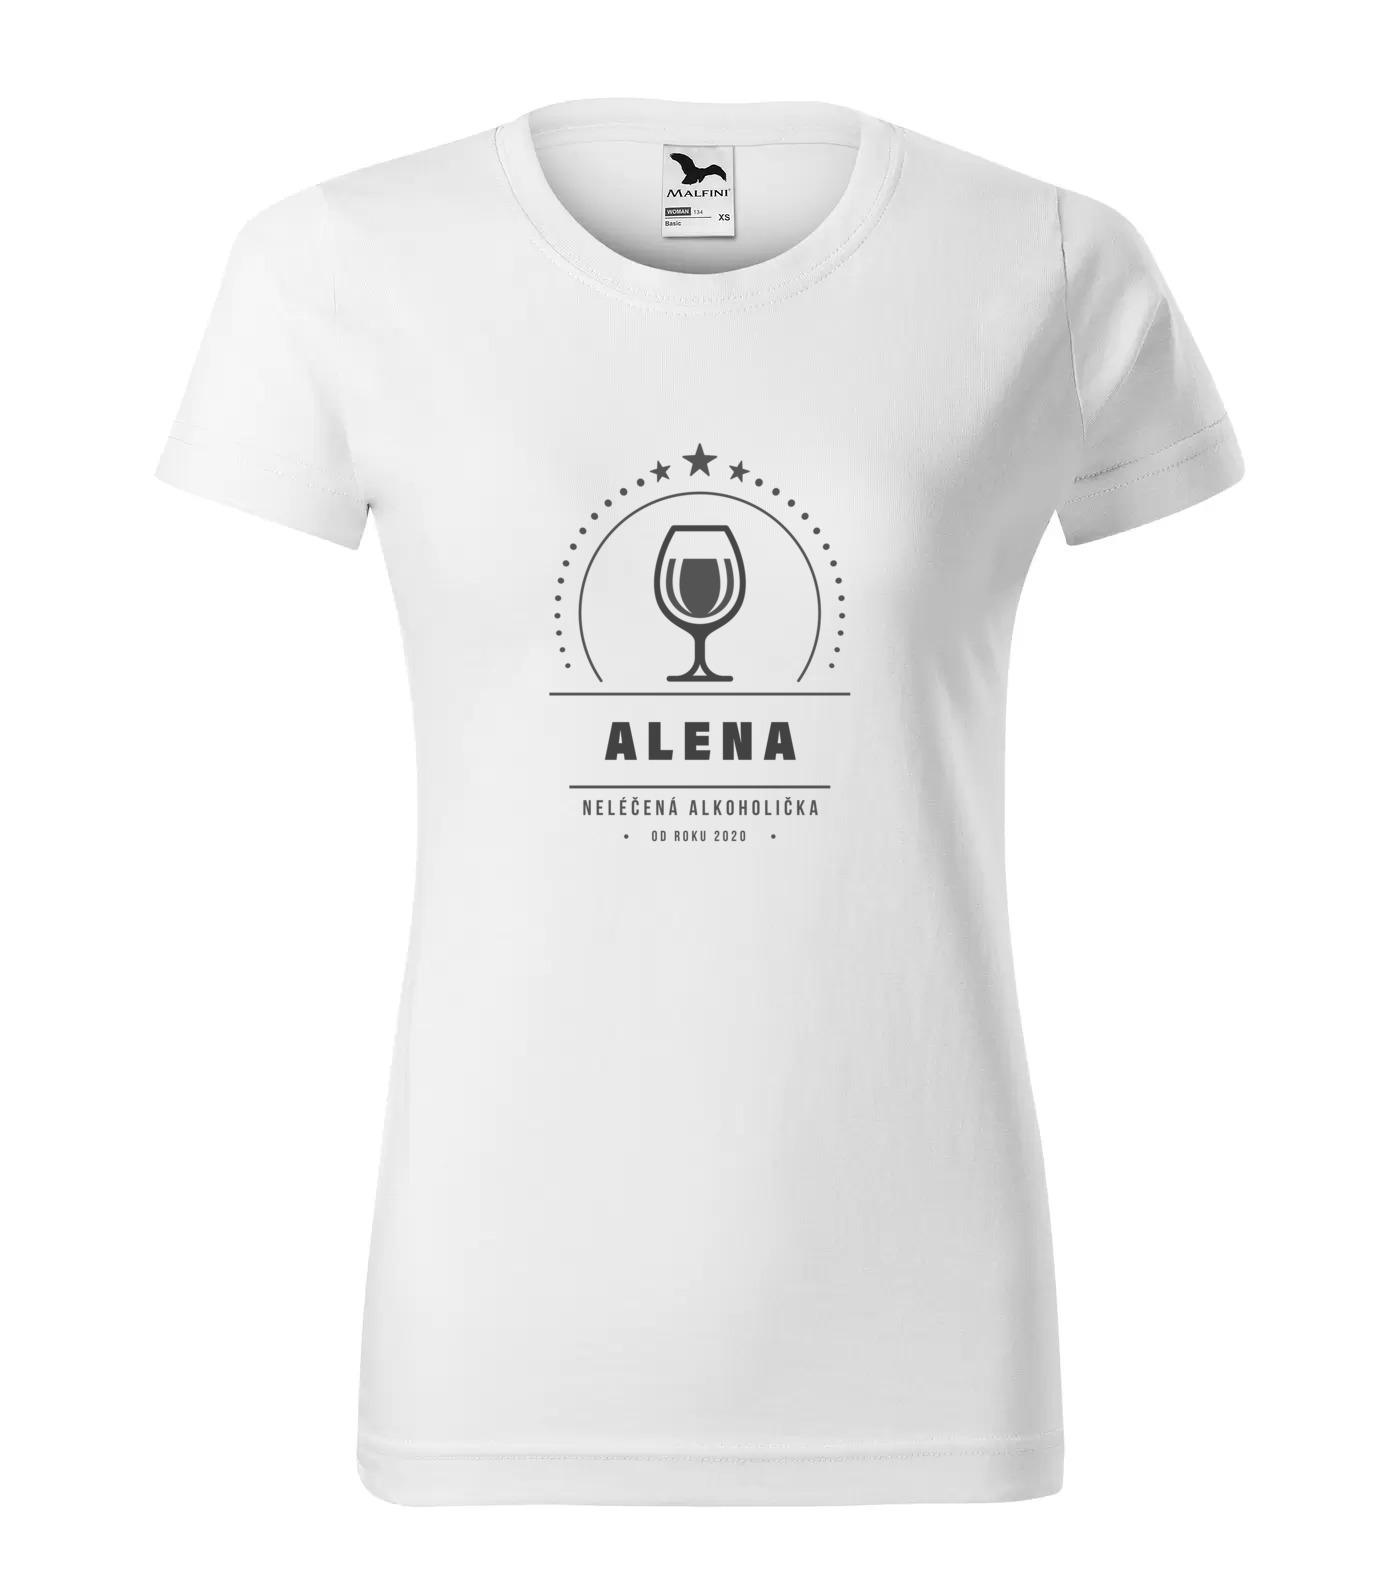 Tričko Alkoholička Alena